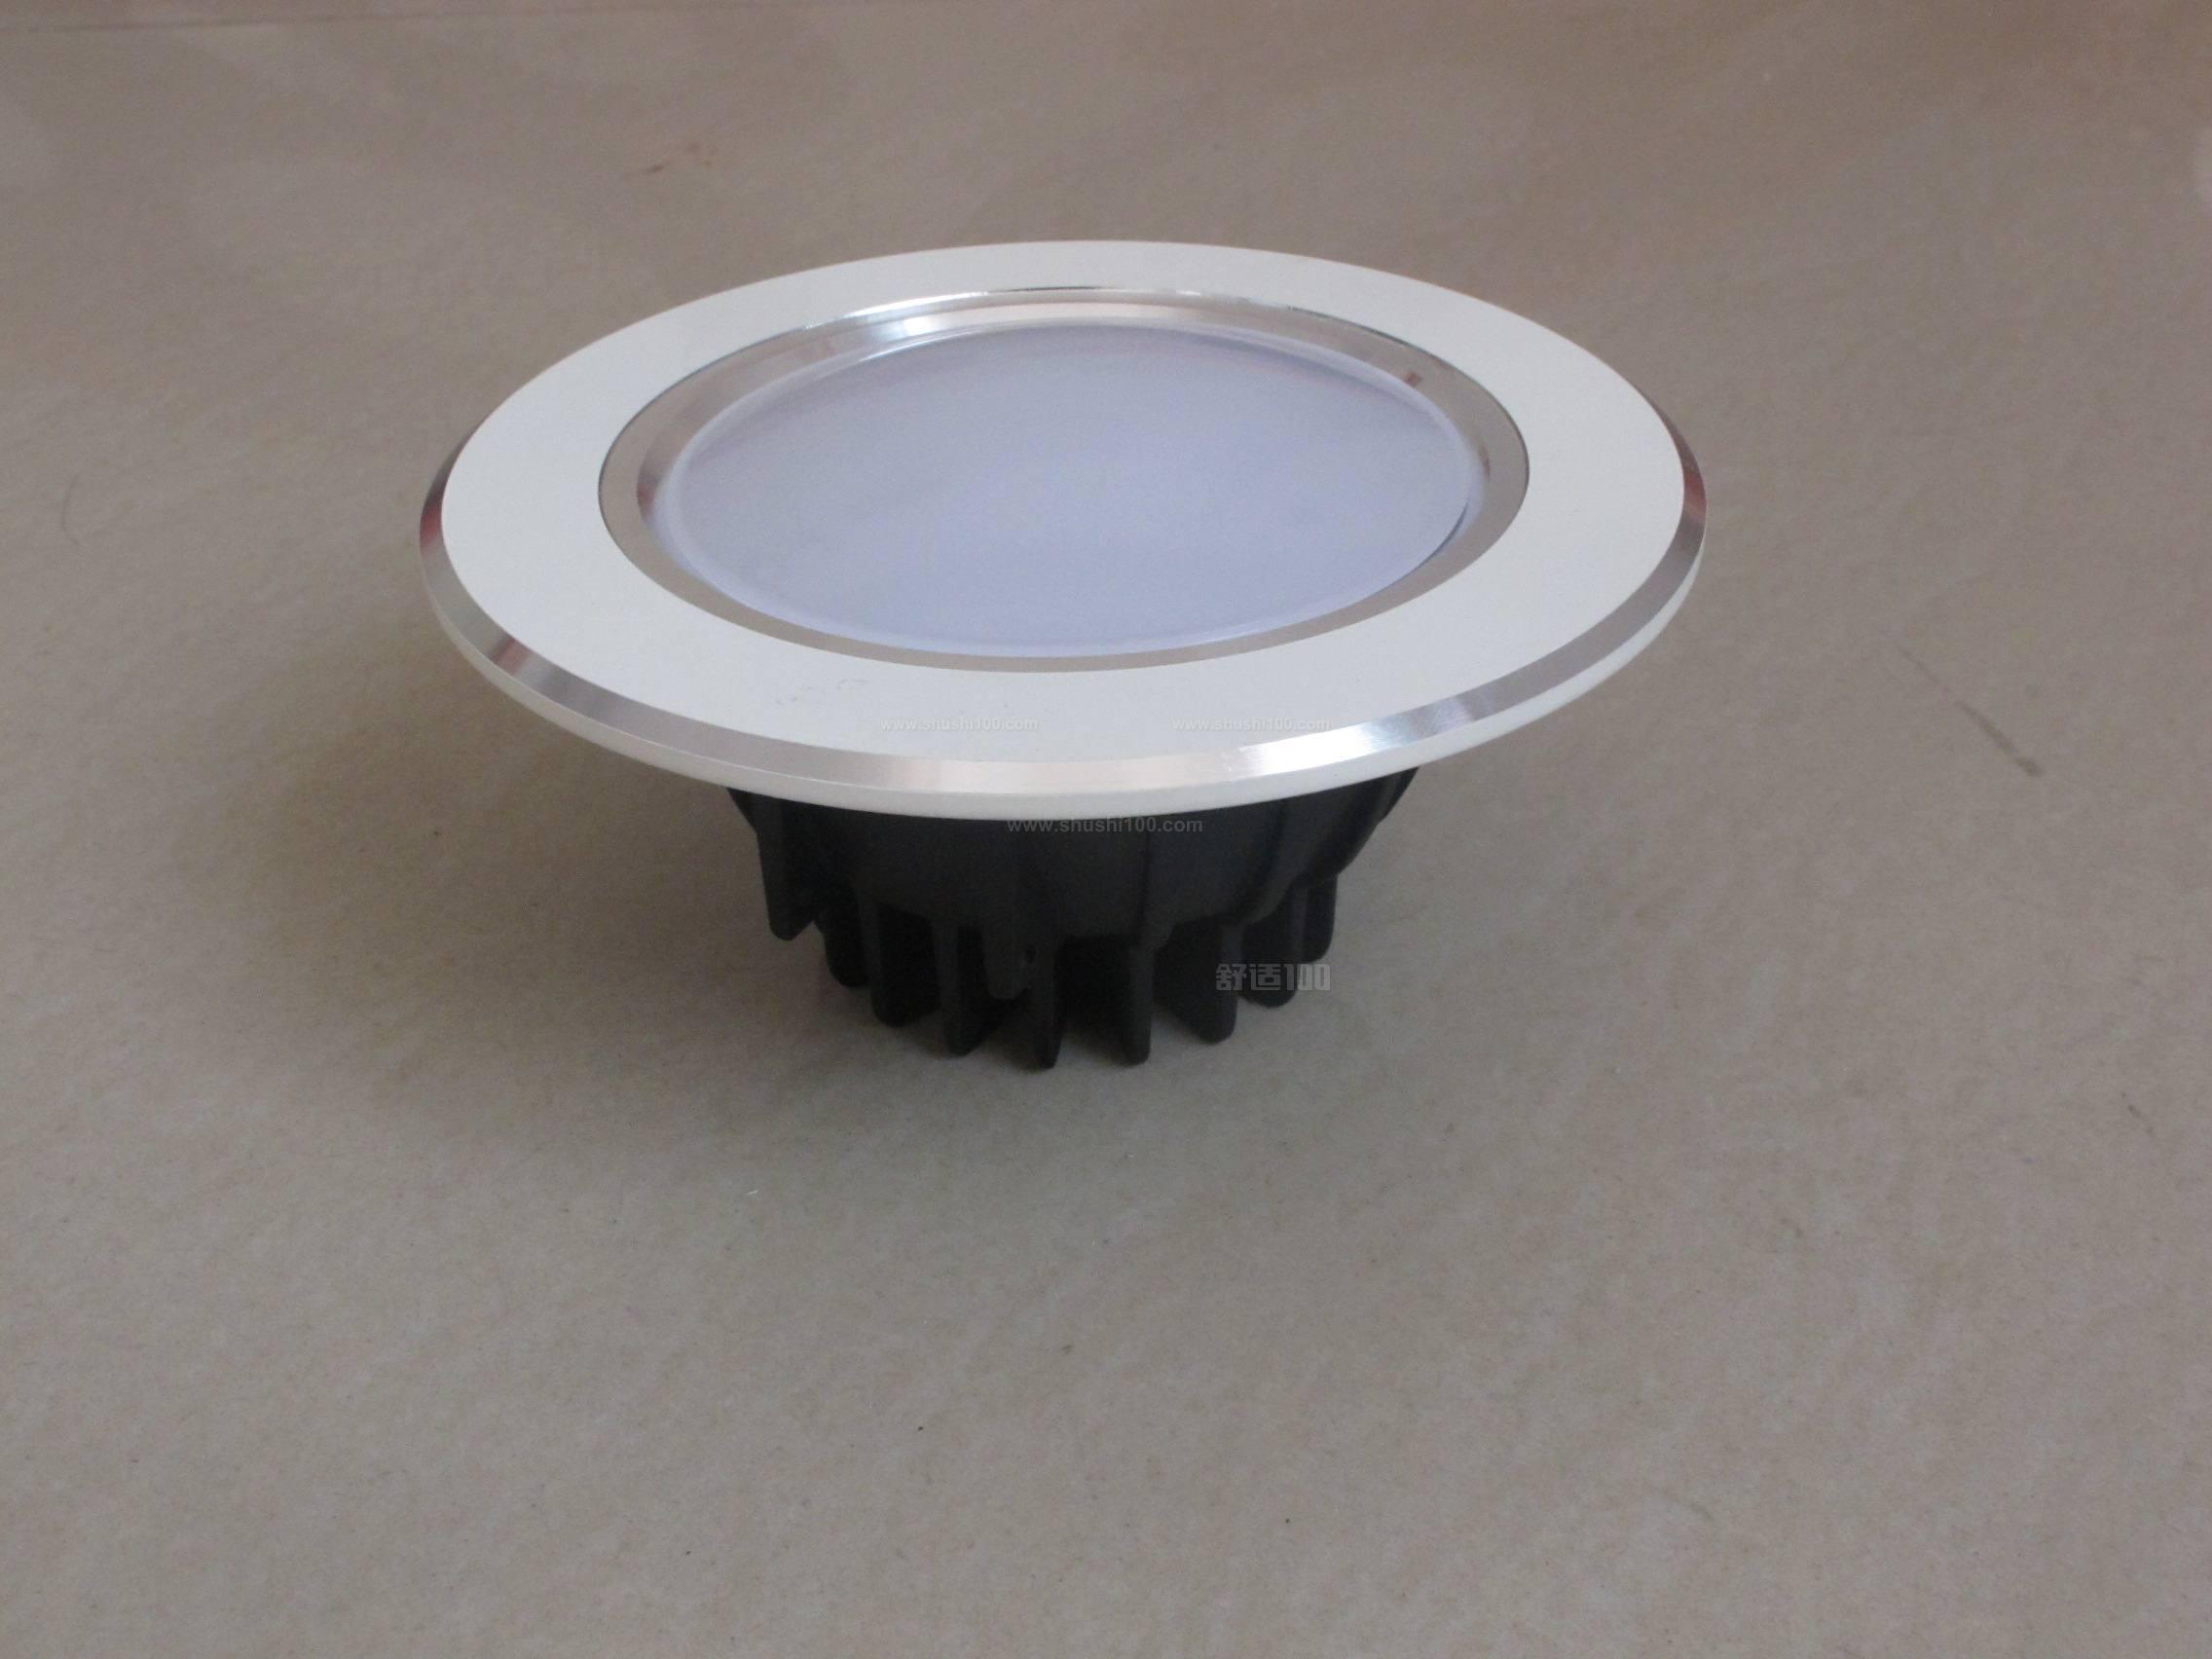 1、筒灯安装时距离不要与墙挨得太近。筒灯在照明时是会产生热量的,如果说靠墙太近的话就会将墙体烤黄,影响室内的美观。   2、在选择灯泡的瓦数时建议不要太强,这样会直射到人的眼睛感觉到不适应,最好是选择柔弱一点的灯光,不仅烘托了室内的气氛,让人也感觉到舒适。   3、打开筒灯包装后应立即检查产品是否完好。出现非人为或者说明书规定要求内所造成的故障,可退零售商或直接退还于厂家更换。   4、安装前切断电源,确保开关处于闭合状态,防止触电,灯饰点亮后,手请勿触摸灯表面。此灯应避免安装在热源处及热蒸汽,腐蚀性